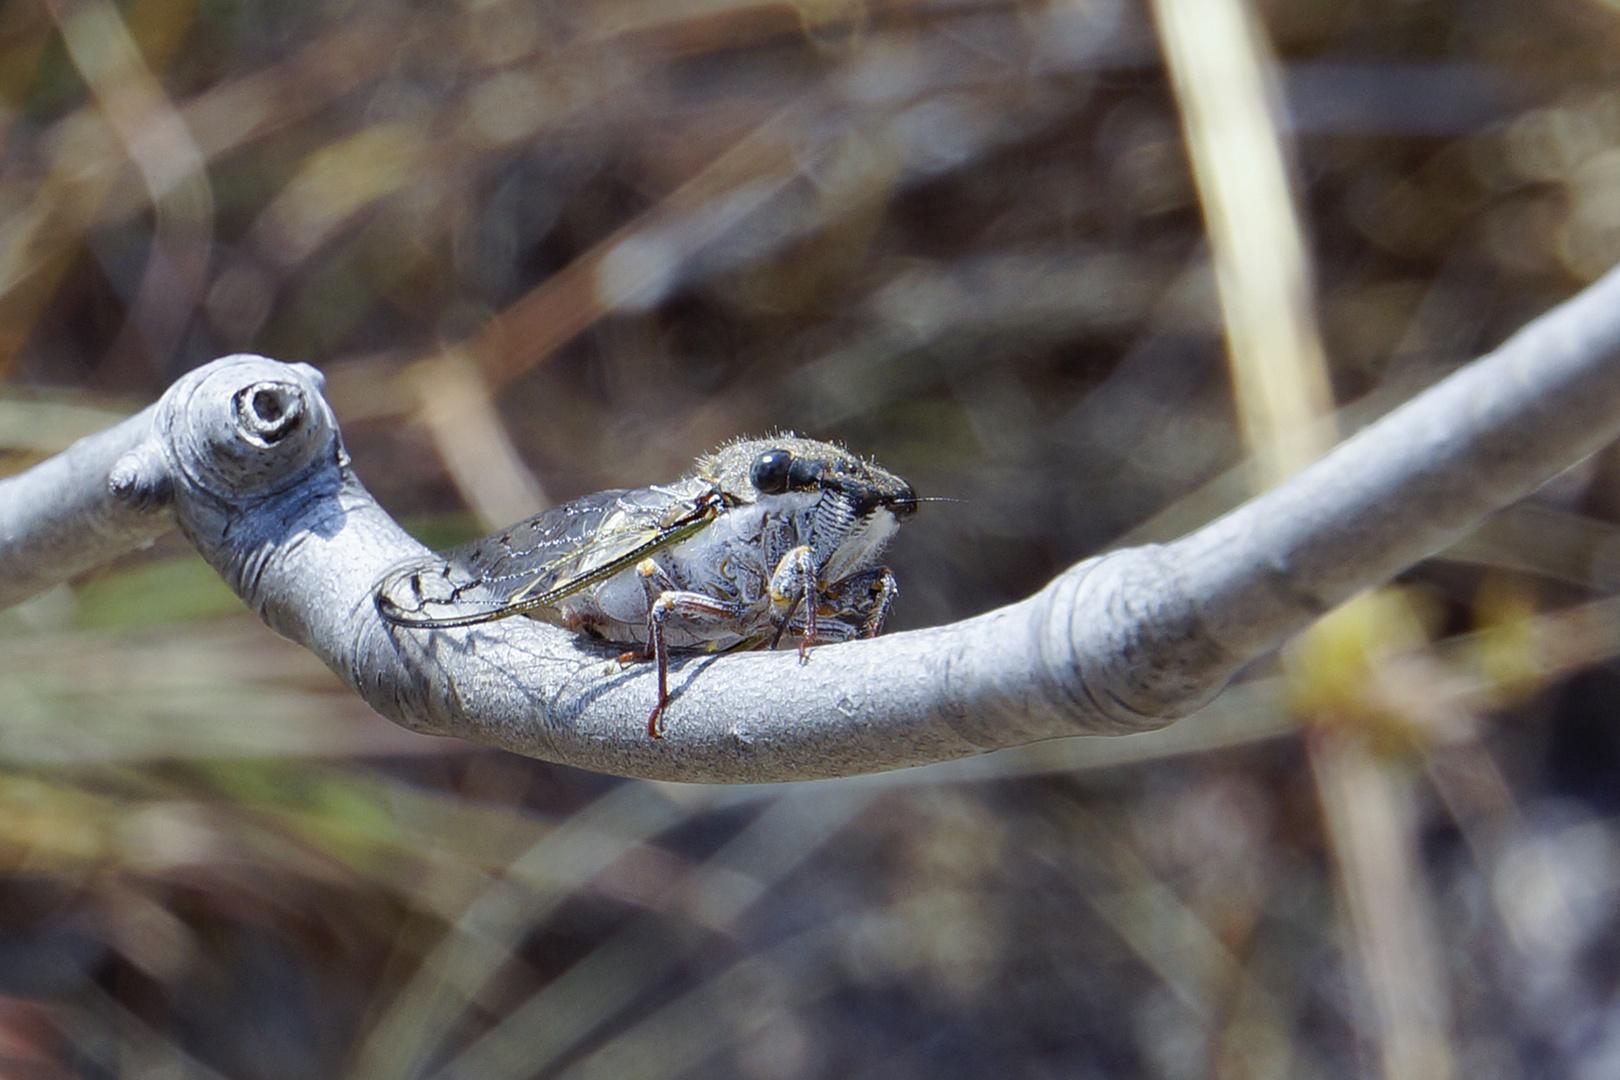 Unbekanntes Insekt gesehen bei Wanderung auf Madagaskar